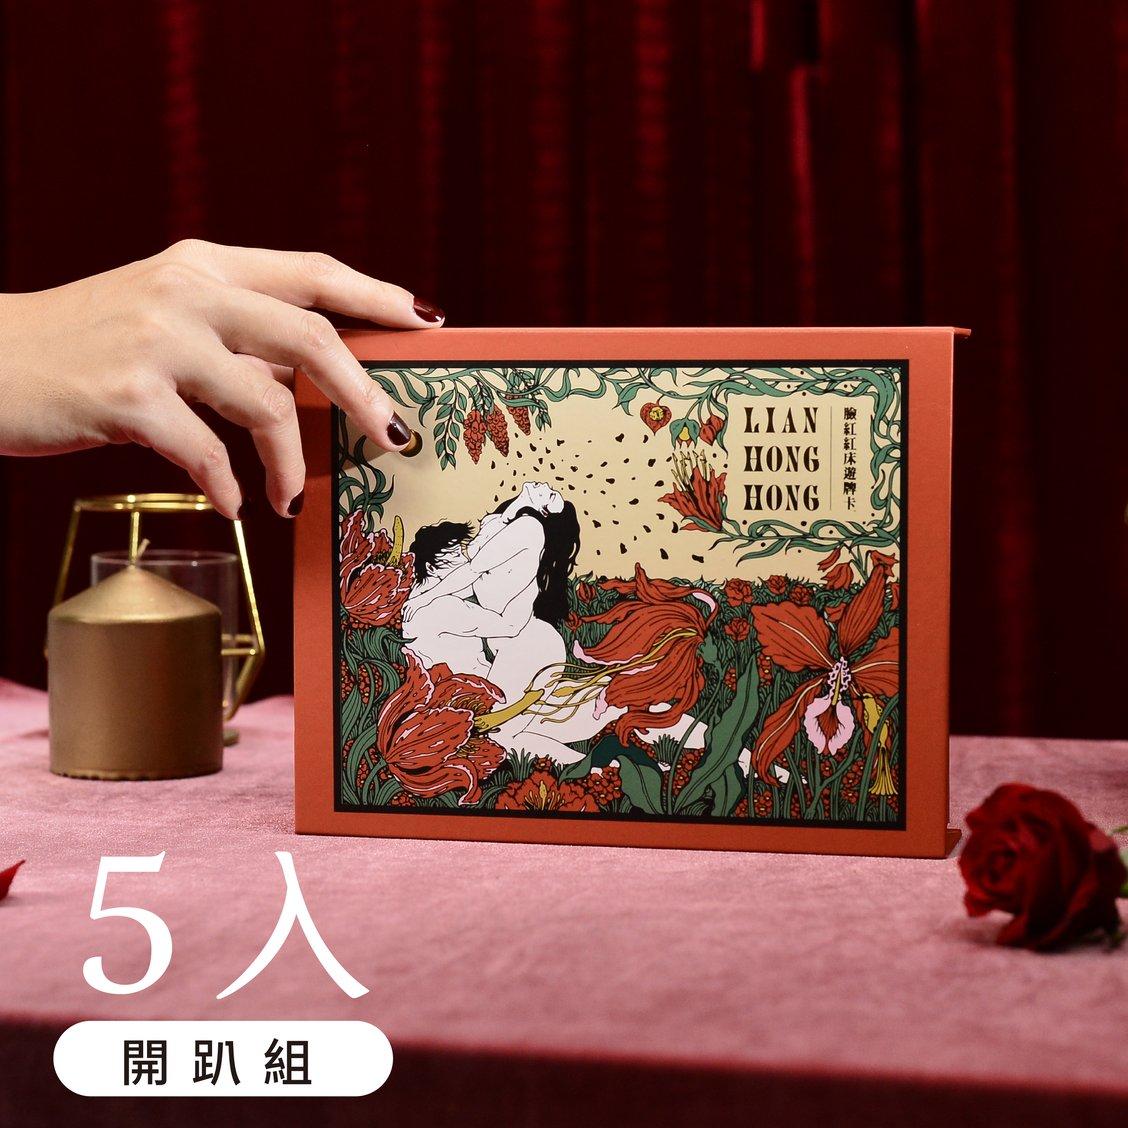 (獨家)臉紅紅床遊卡牌+限量海報五入組|就是想玩,派對專用組